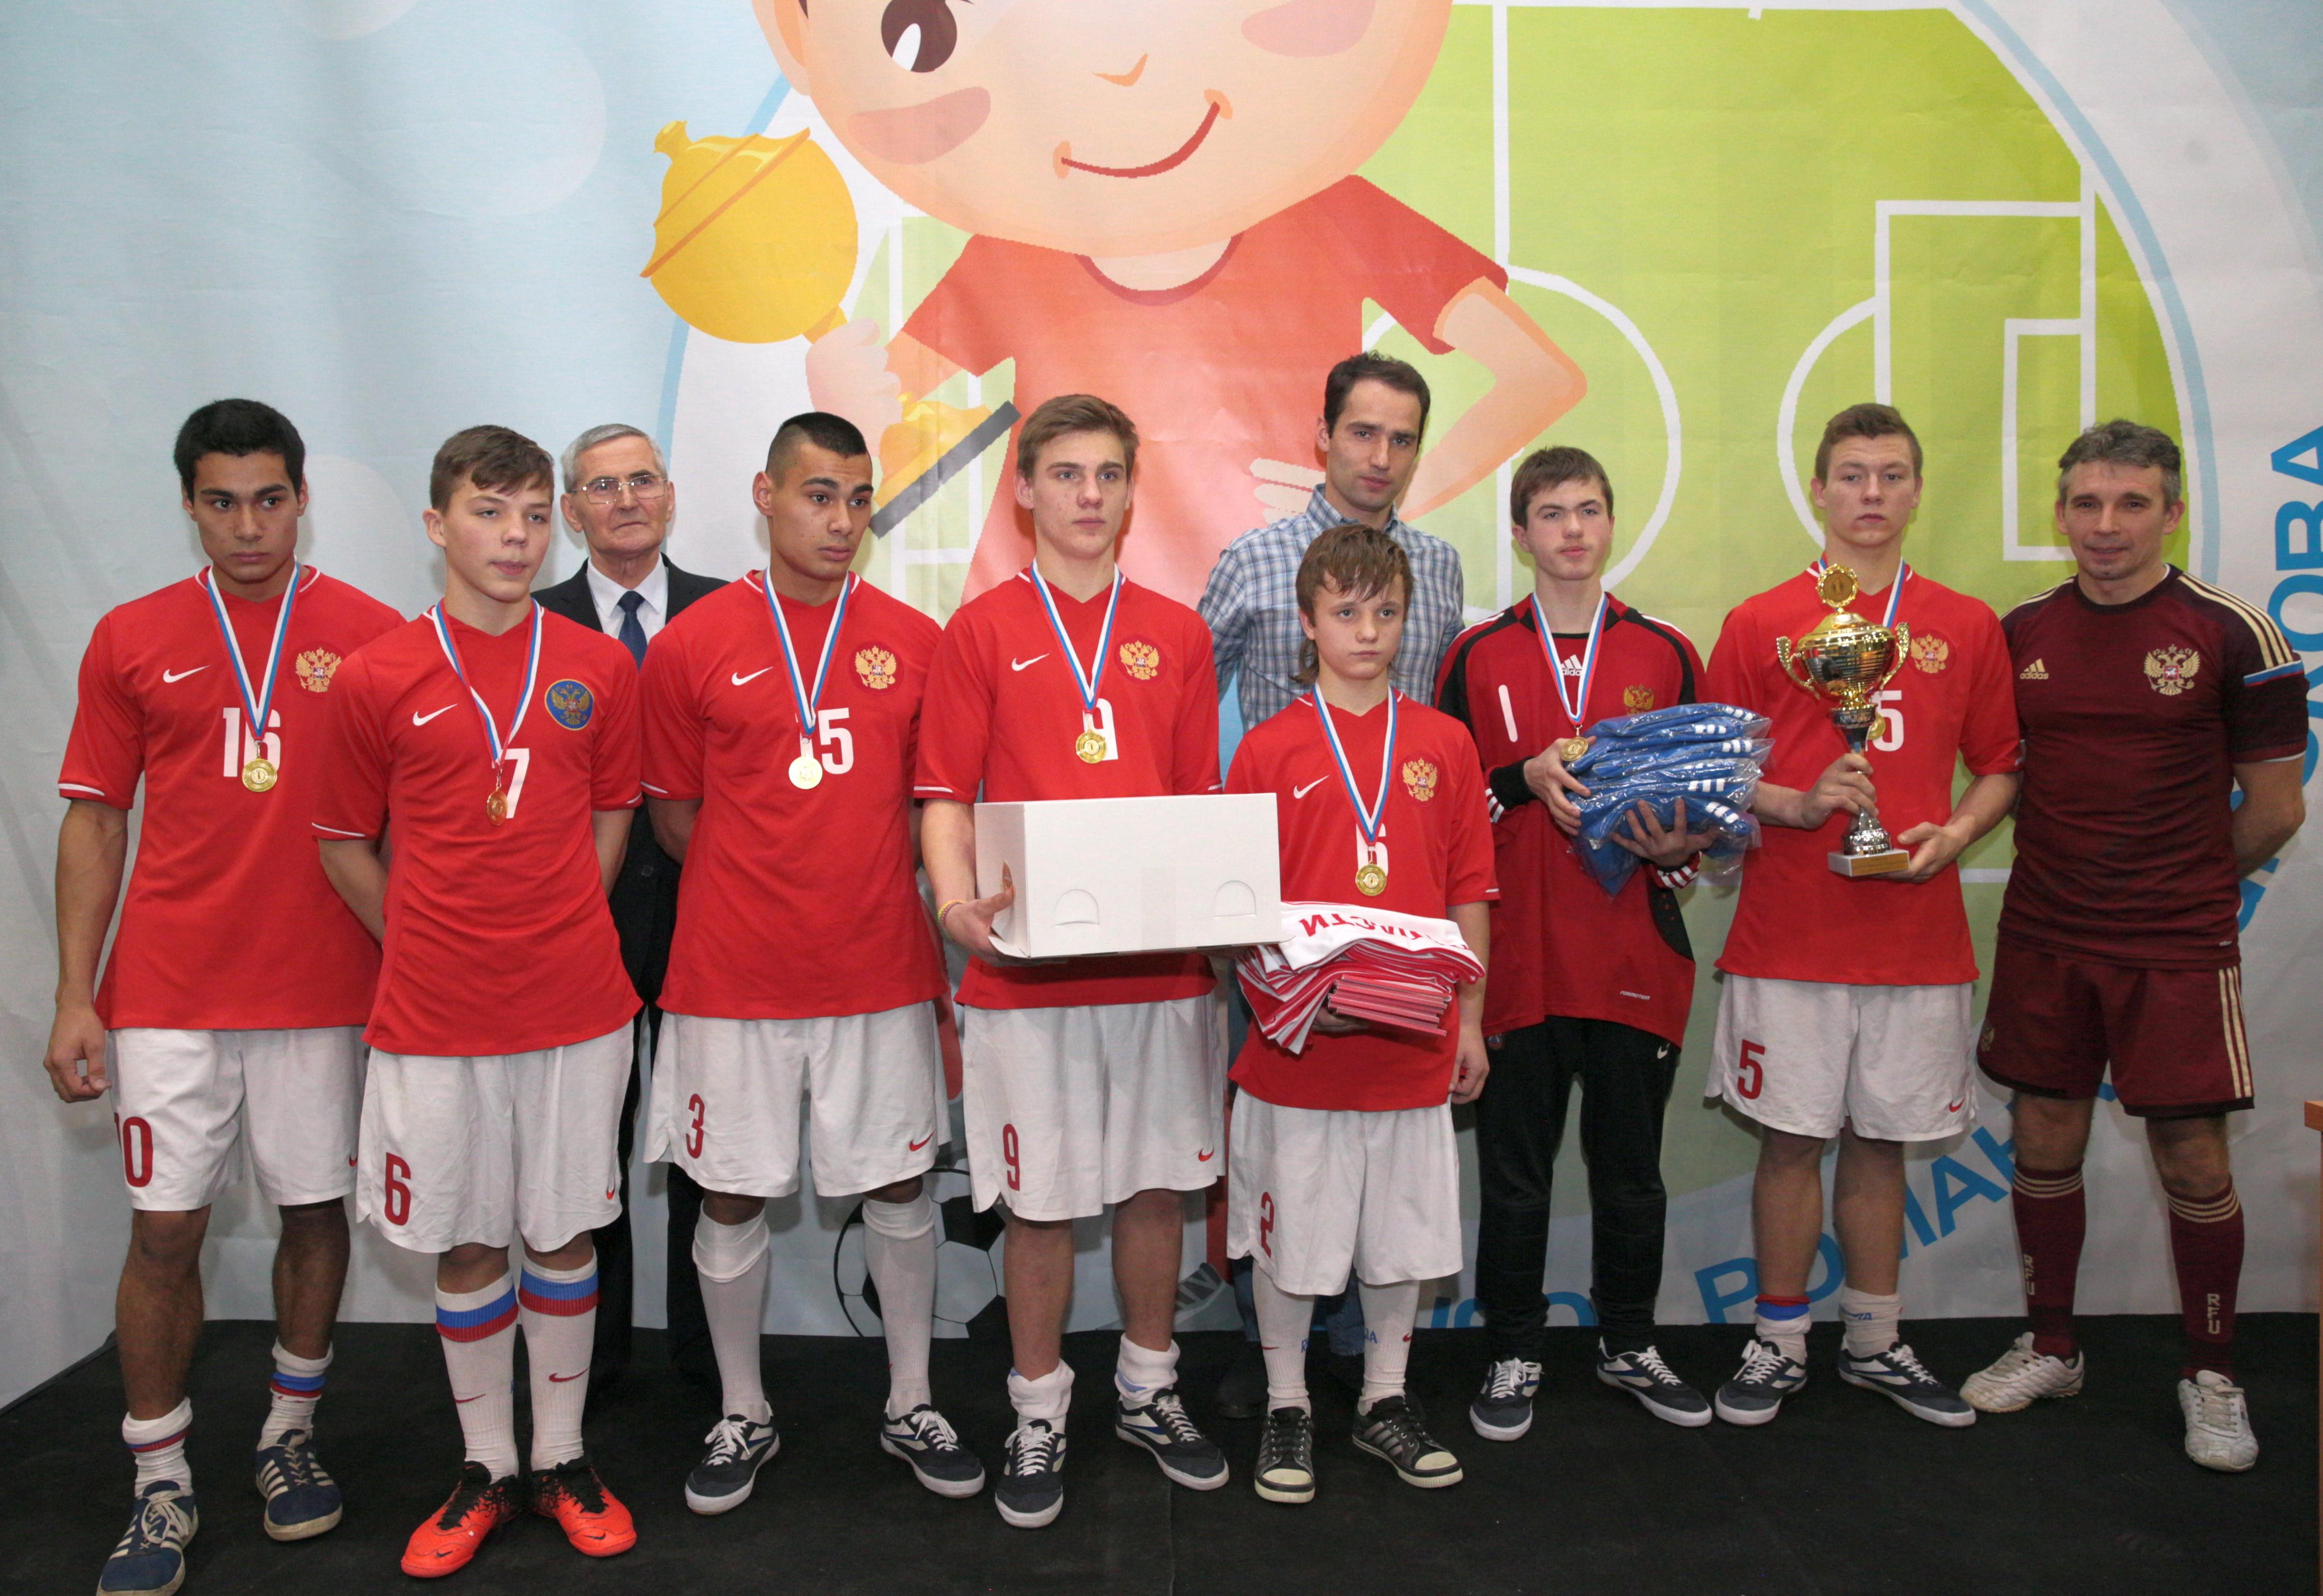 Роман Широков провел турнир на Кубок своего имени среди школьников